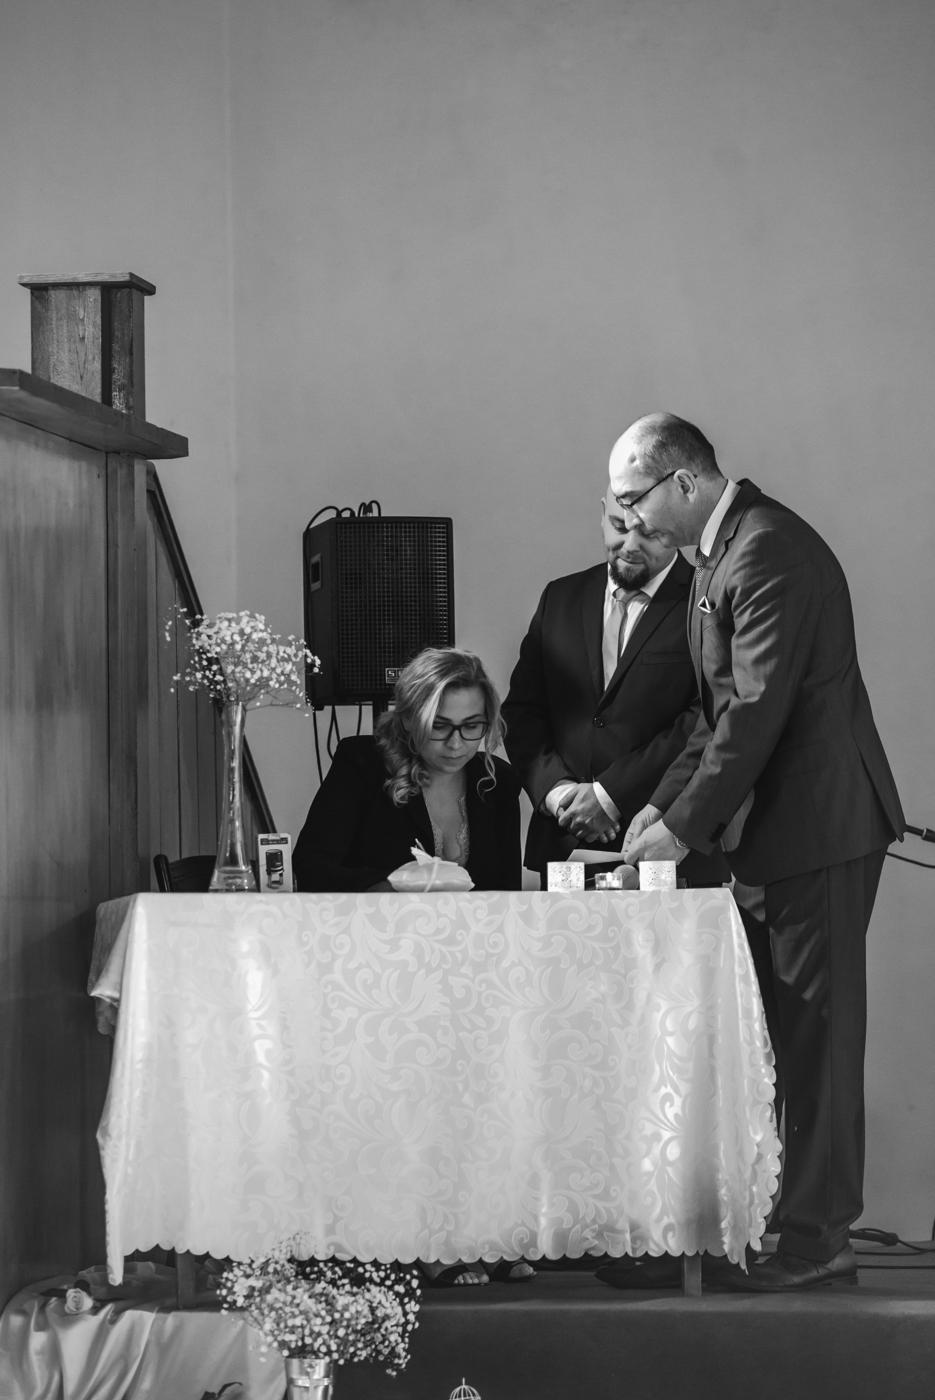 Fotograf Jelenia Góra. Fotografia Ślubna Jelenia Góra. Zdjęcia ślubne Dwór Korona Karkonoszy Sosnówka. Młoda para